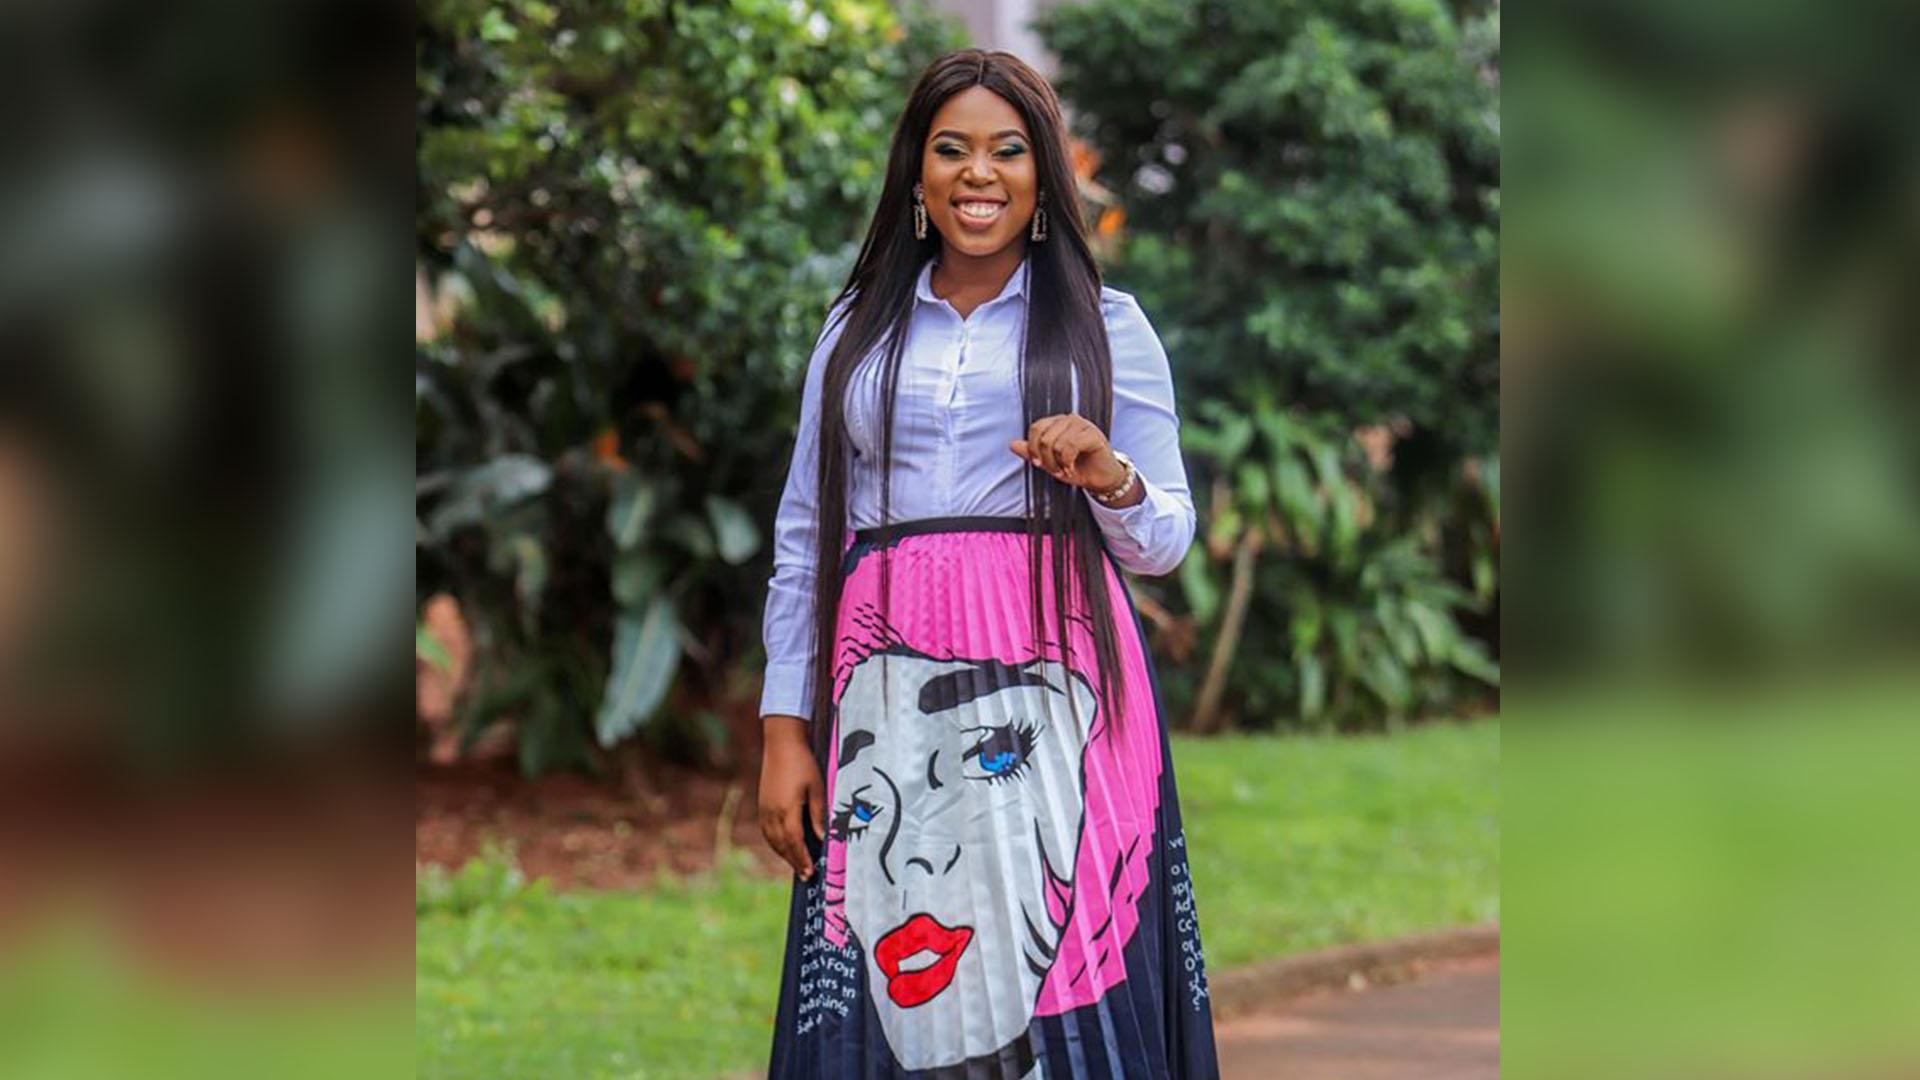 UKZN alumnus Ms Thabile Buthelezi has been nominated for the Sebenza Women Awards.